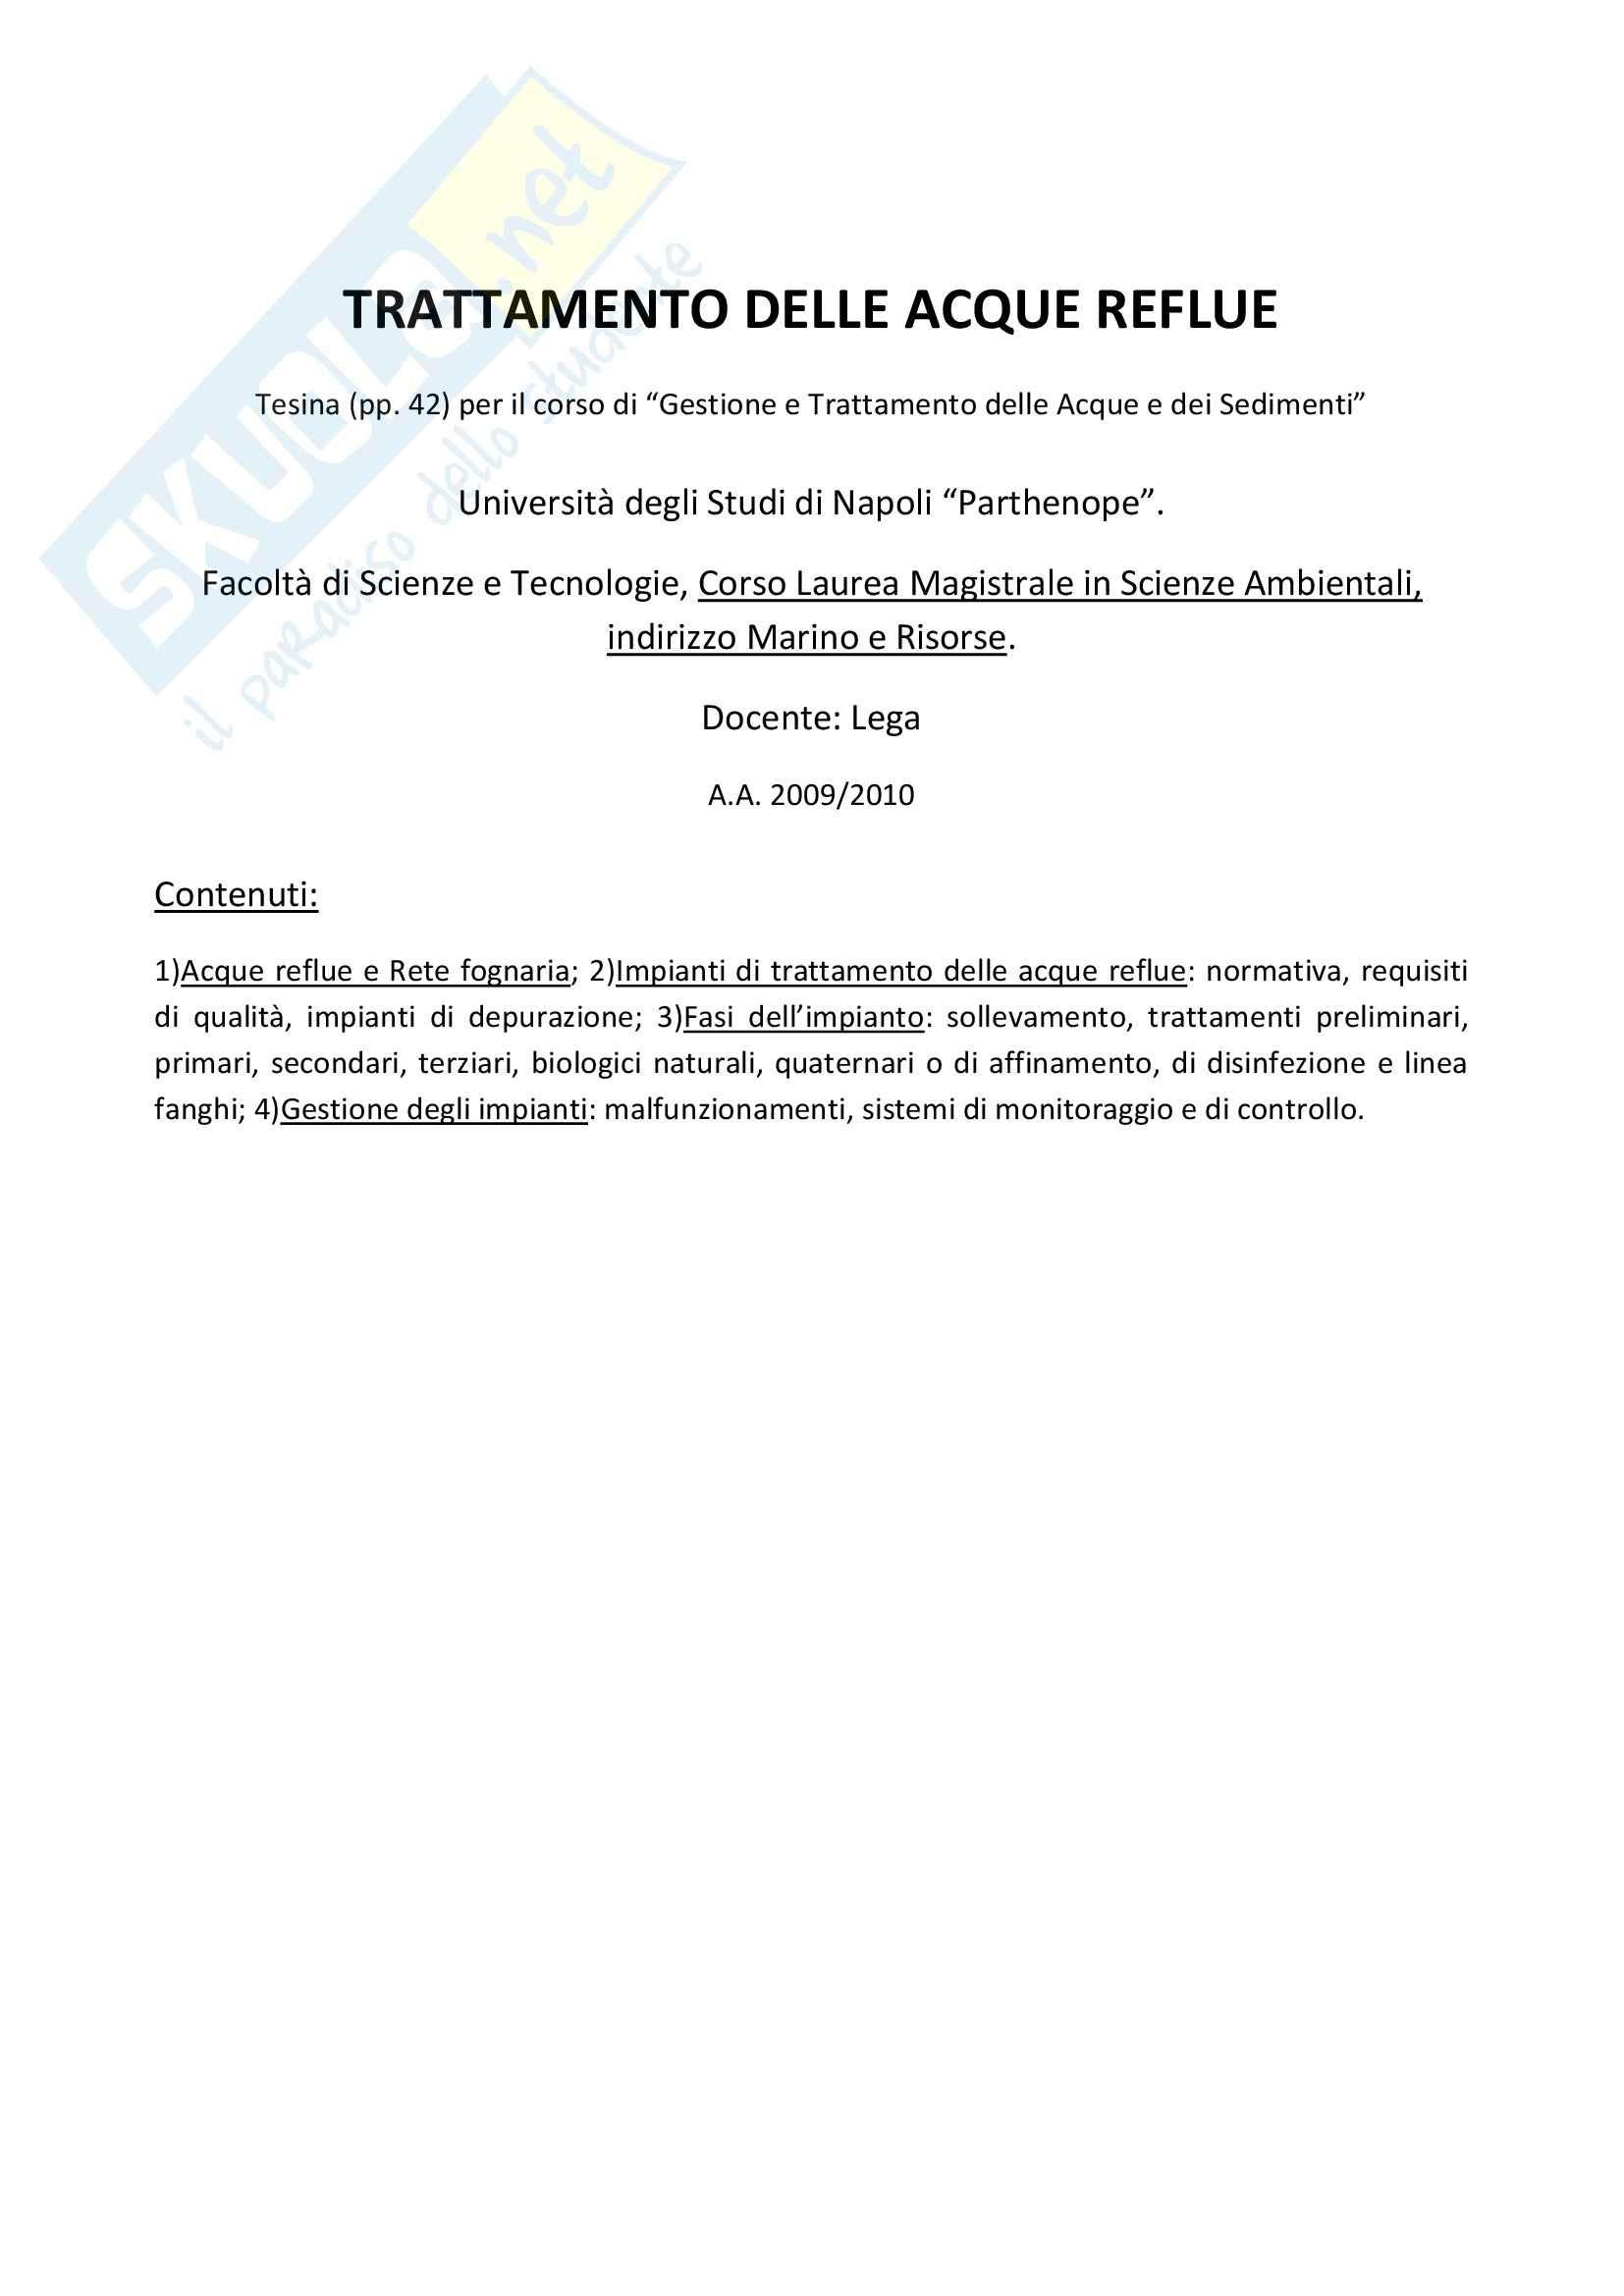 Trattamento delle Acque Reflue - Tesina